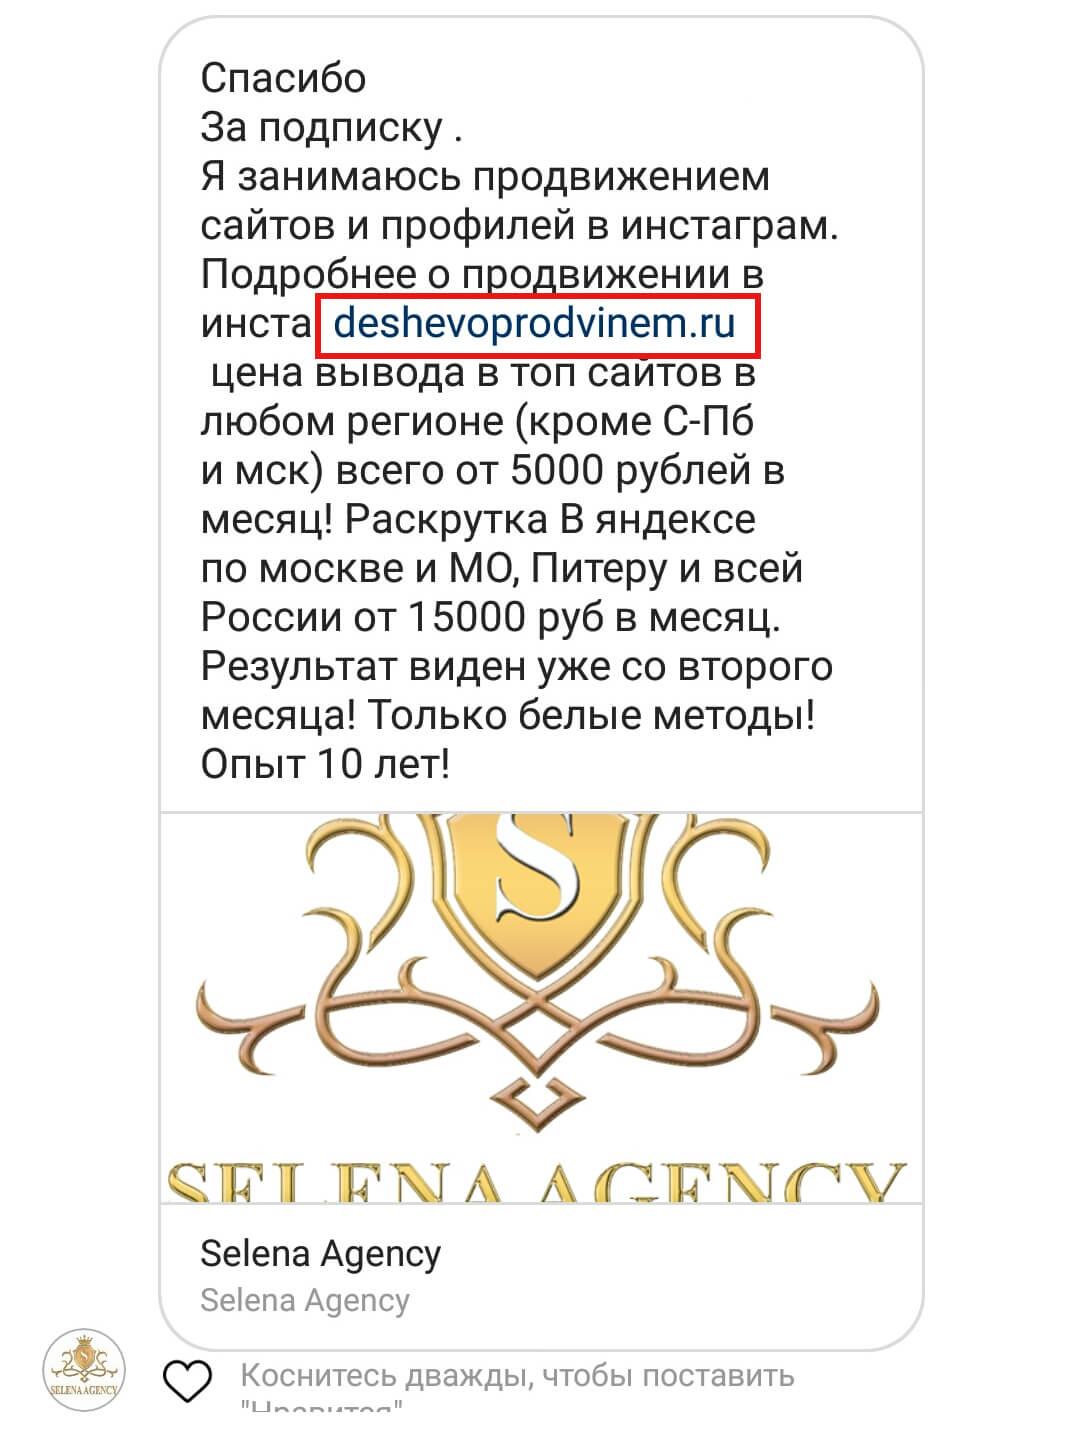 kak-dobavit-ssylku-v-instagram-9-sposobov-15